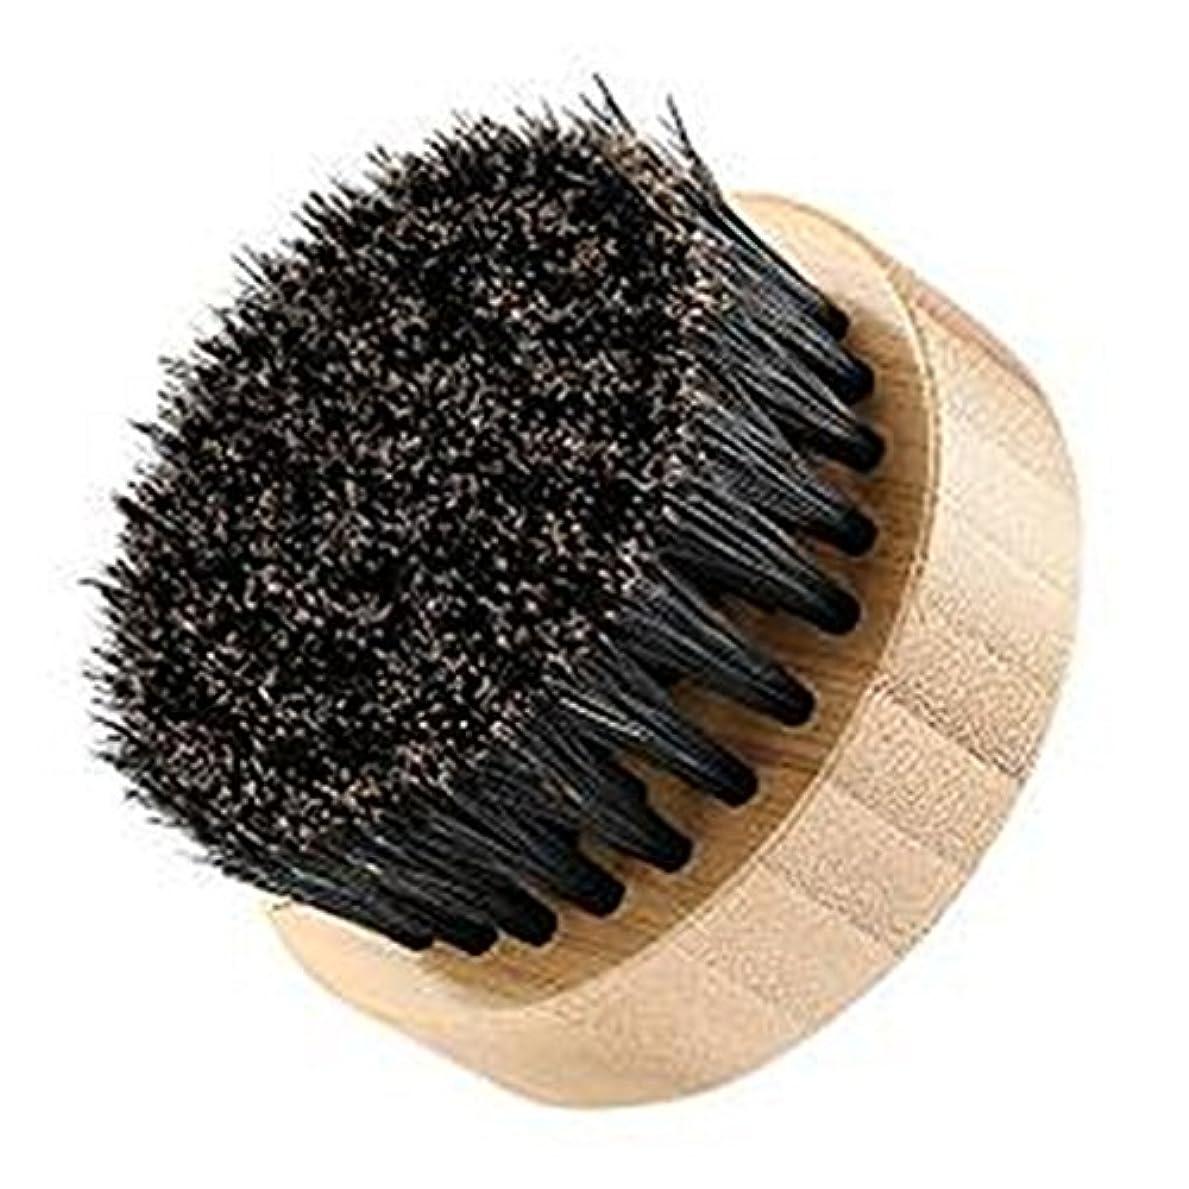 誘うミサイルトロピカルLUXWELL(ラクスウェル) ブラシ 100% 豚毛ブラシ 天然木 髭ブラシ FH-130